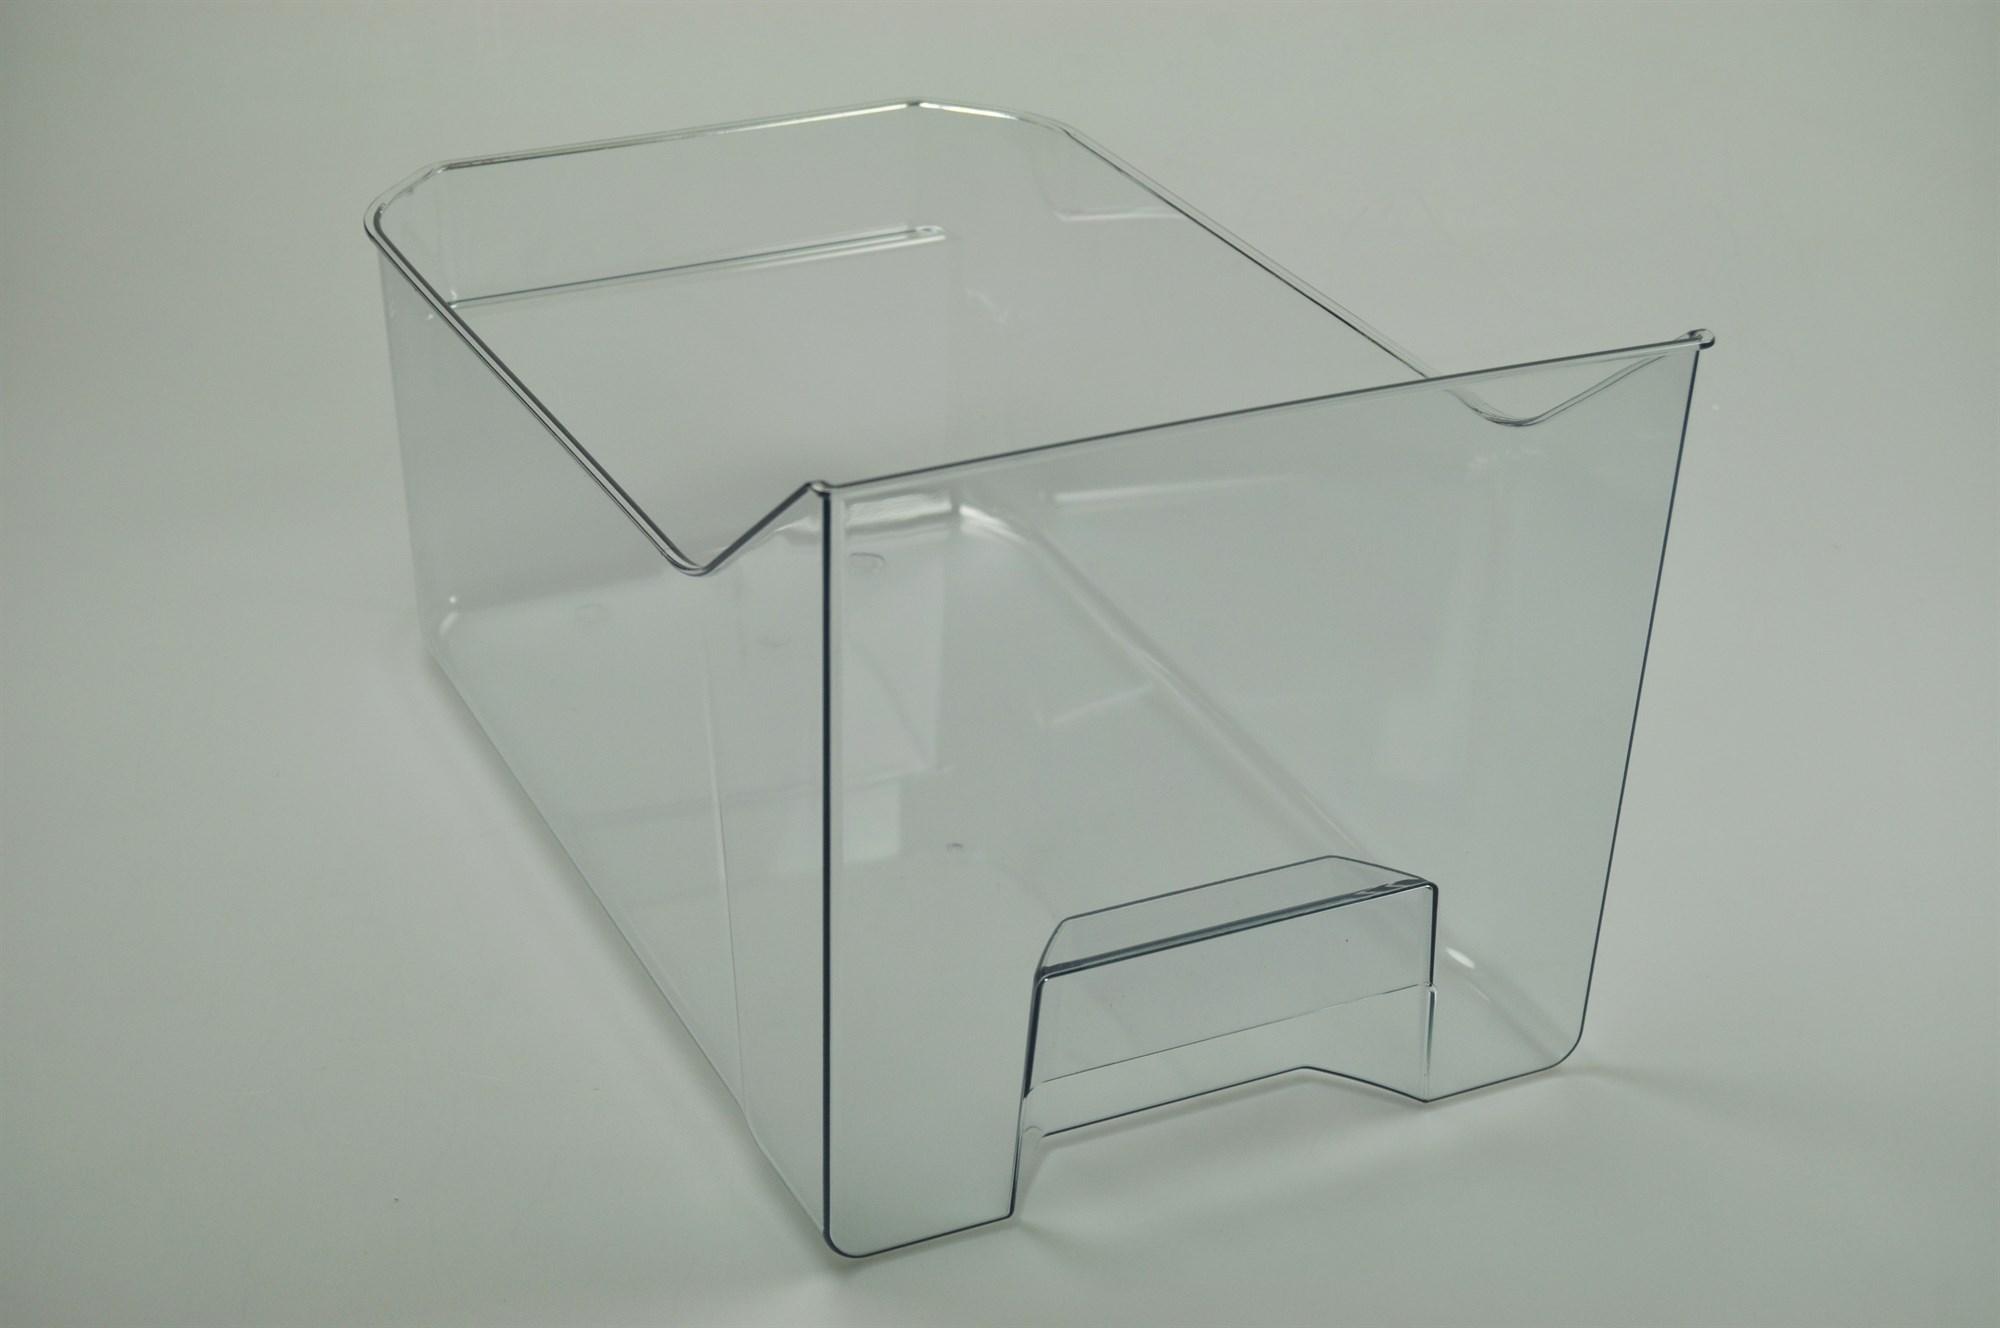 Gorenje Kühlschrank Ersatzteile : Gemüsefach gorenje kühl & gefrierschrank 225 mm x 238 mm x 393 mm